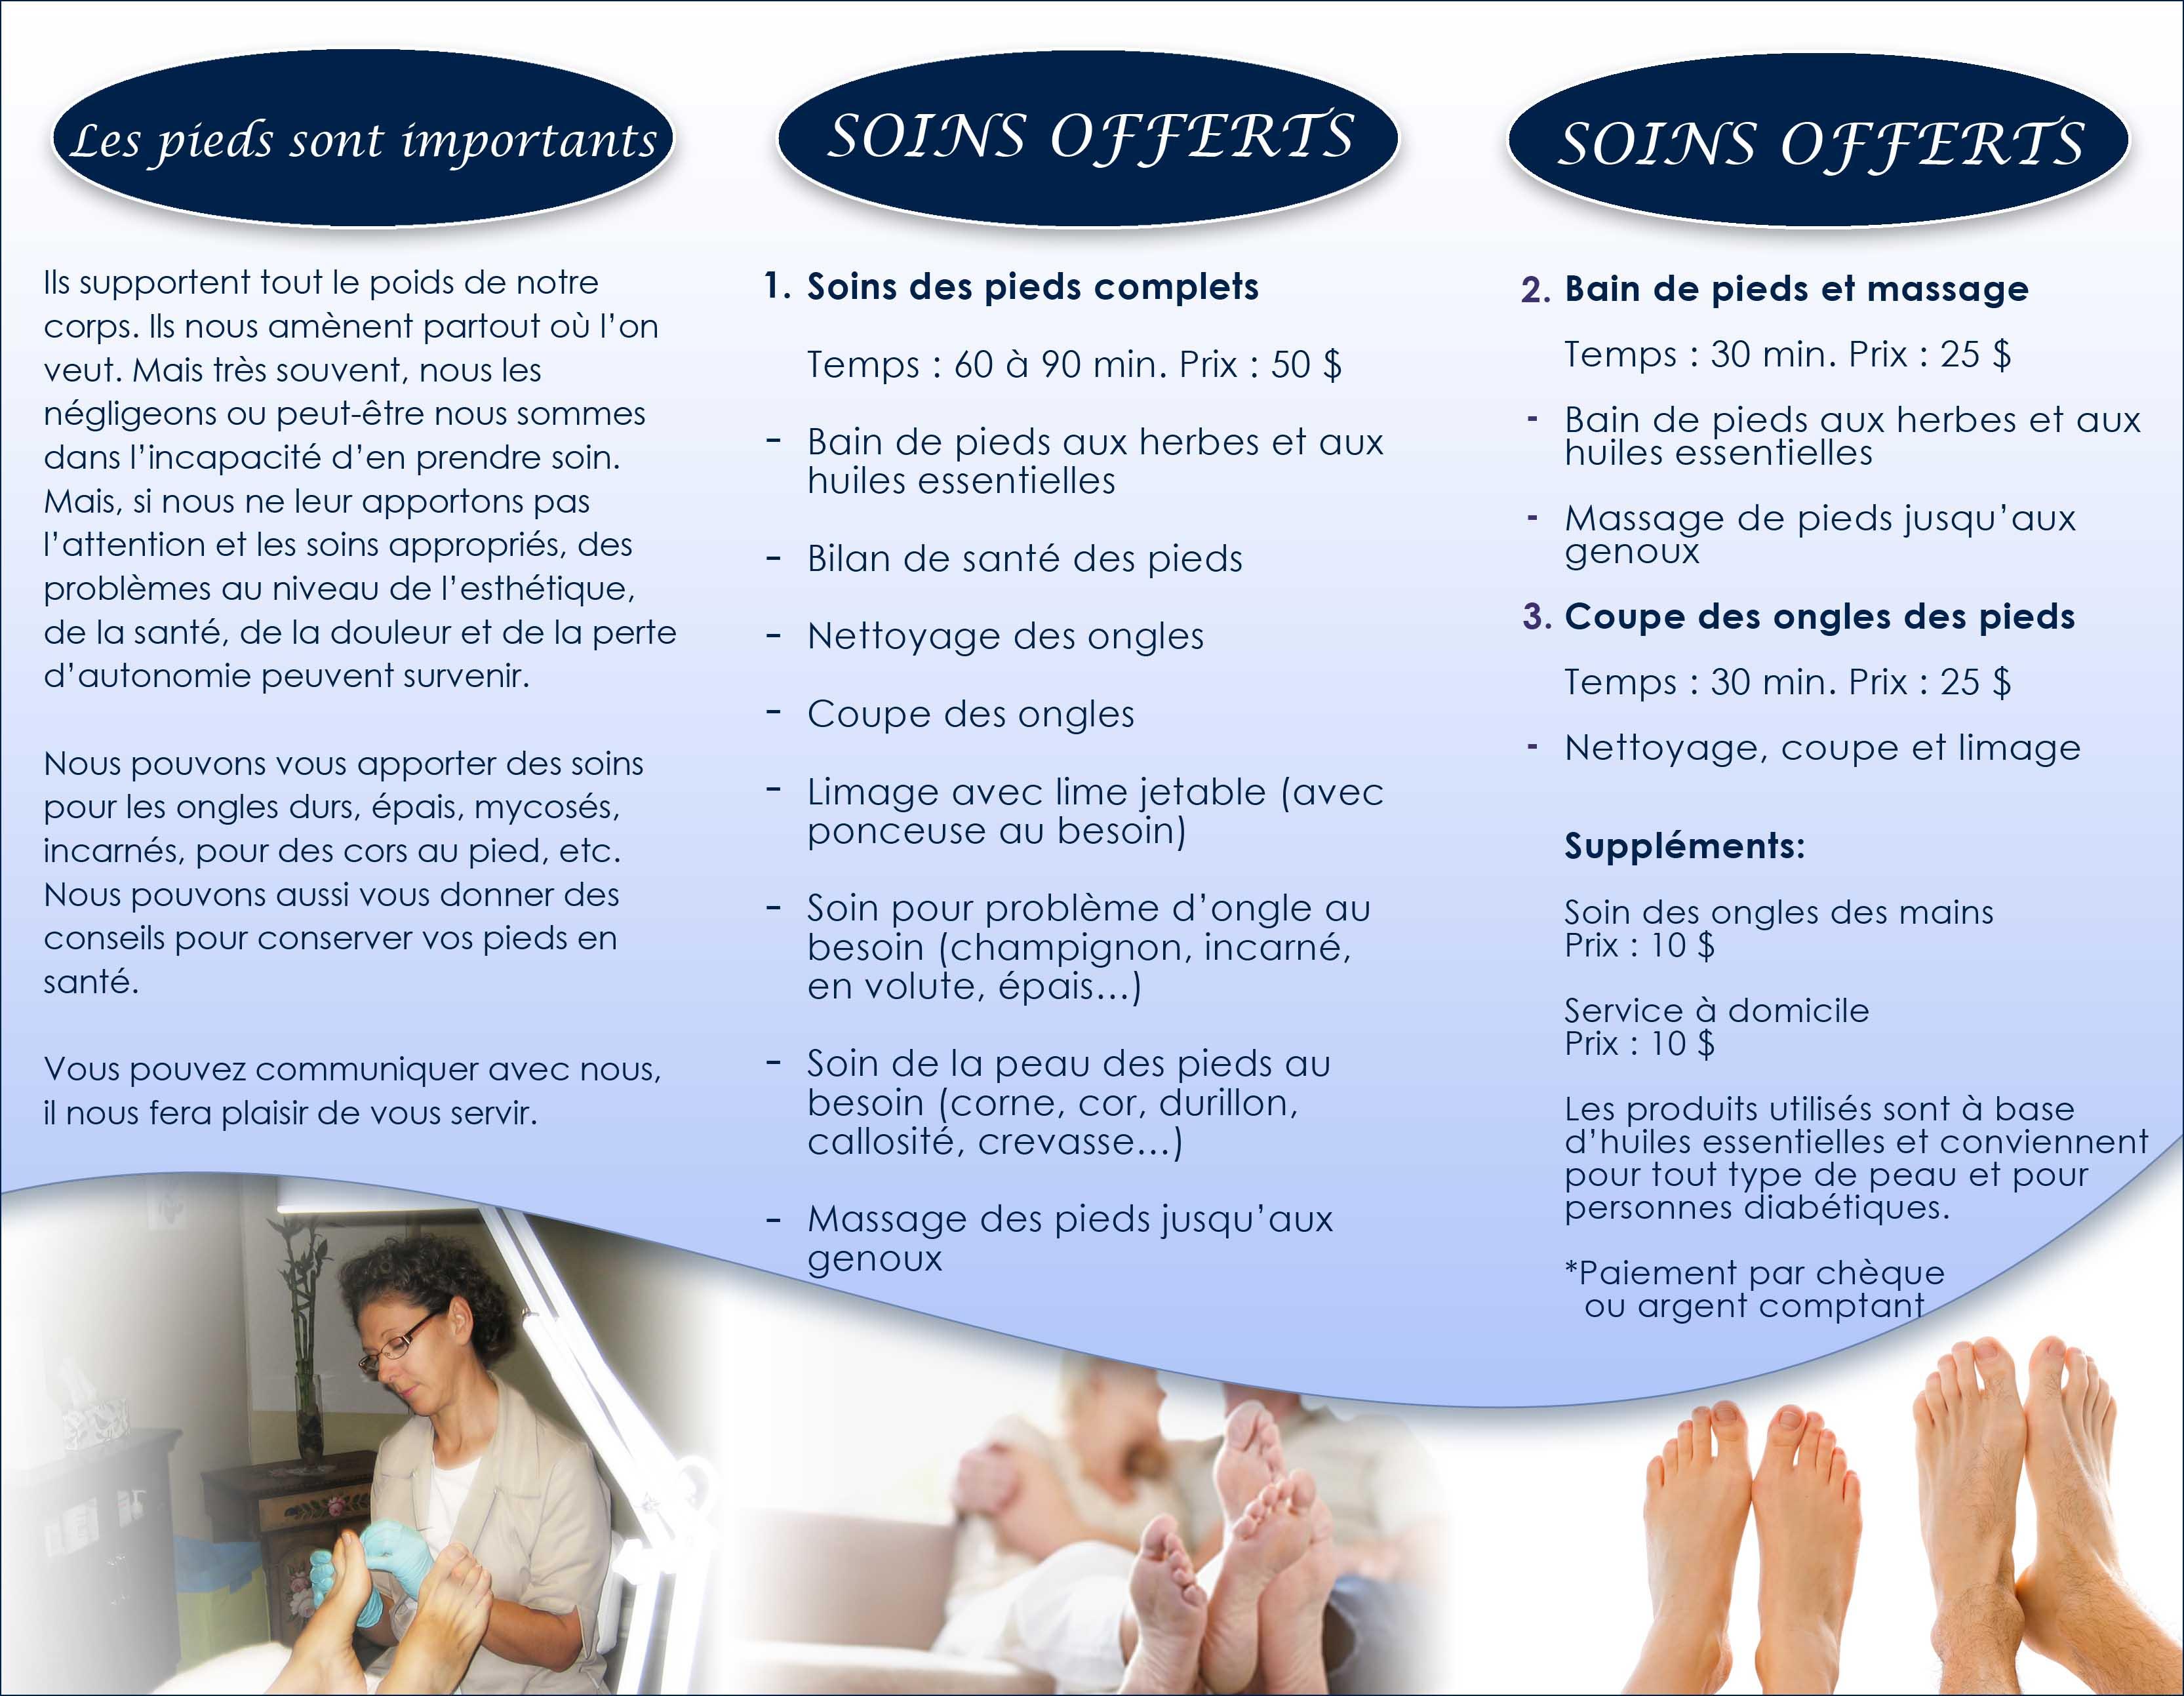 Exemple de brochure publicitaire